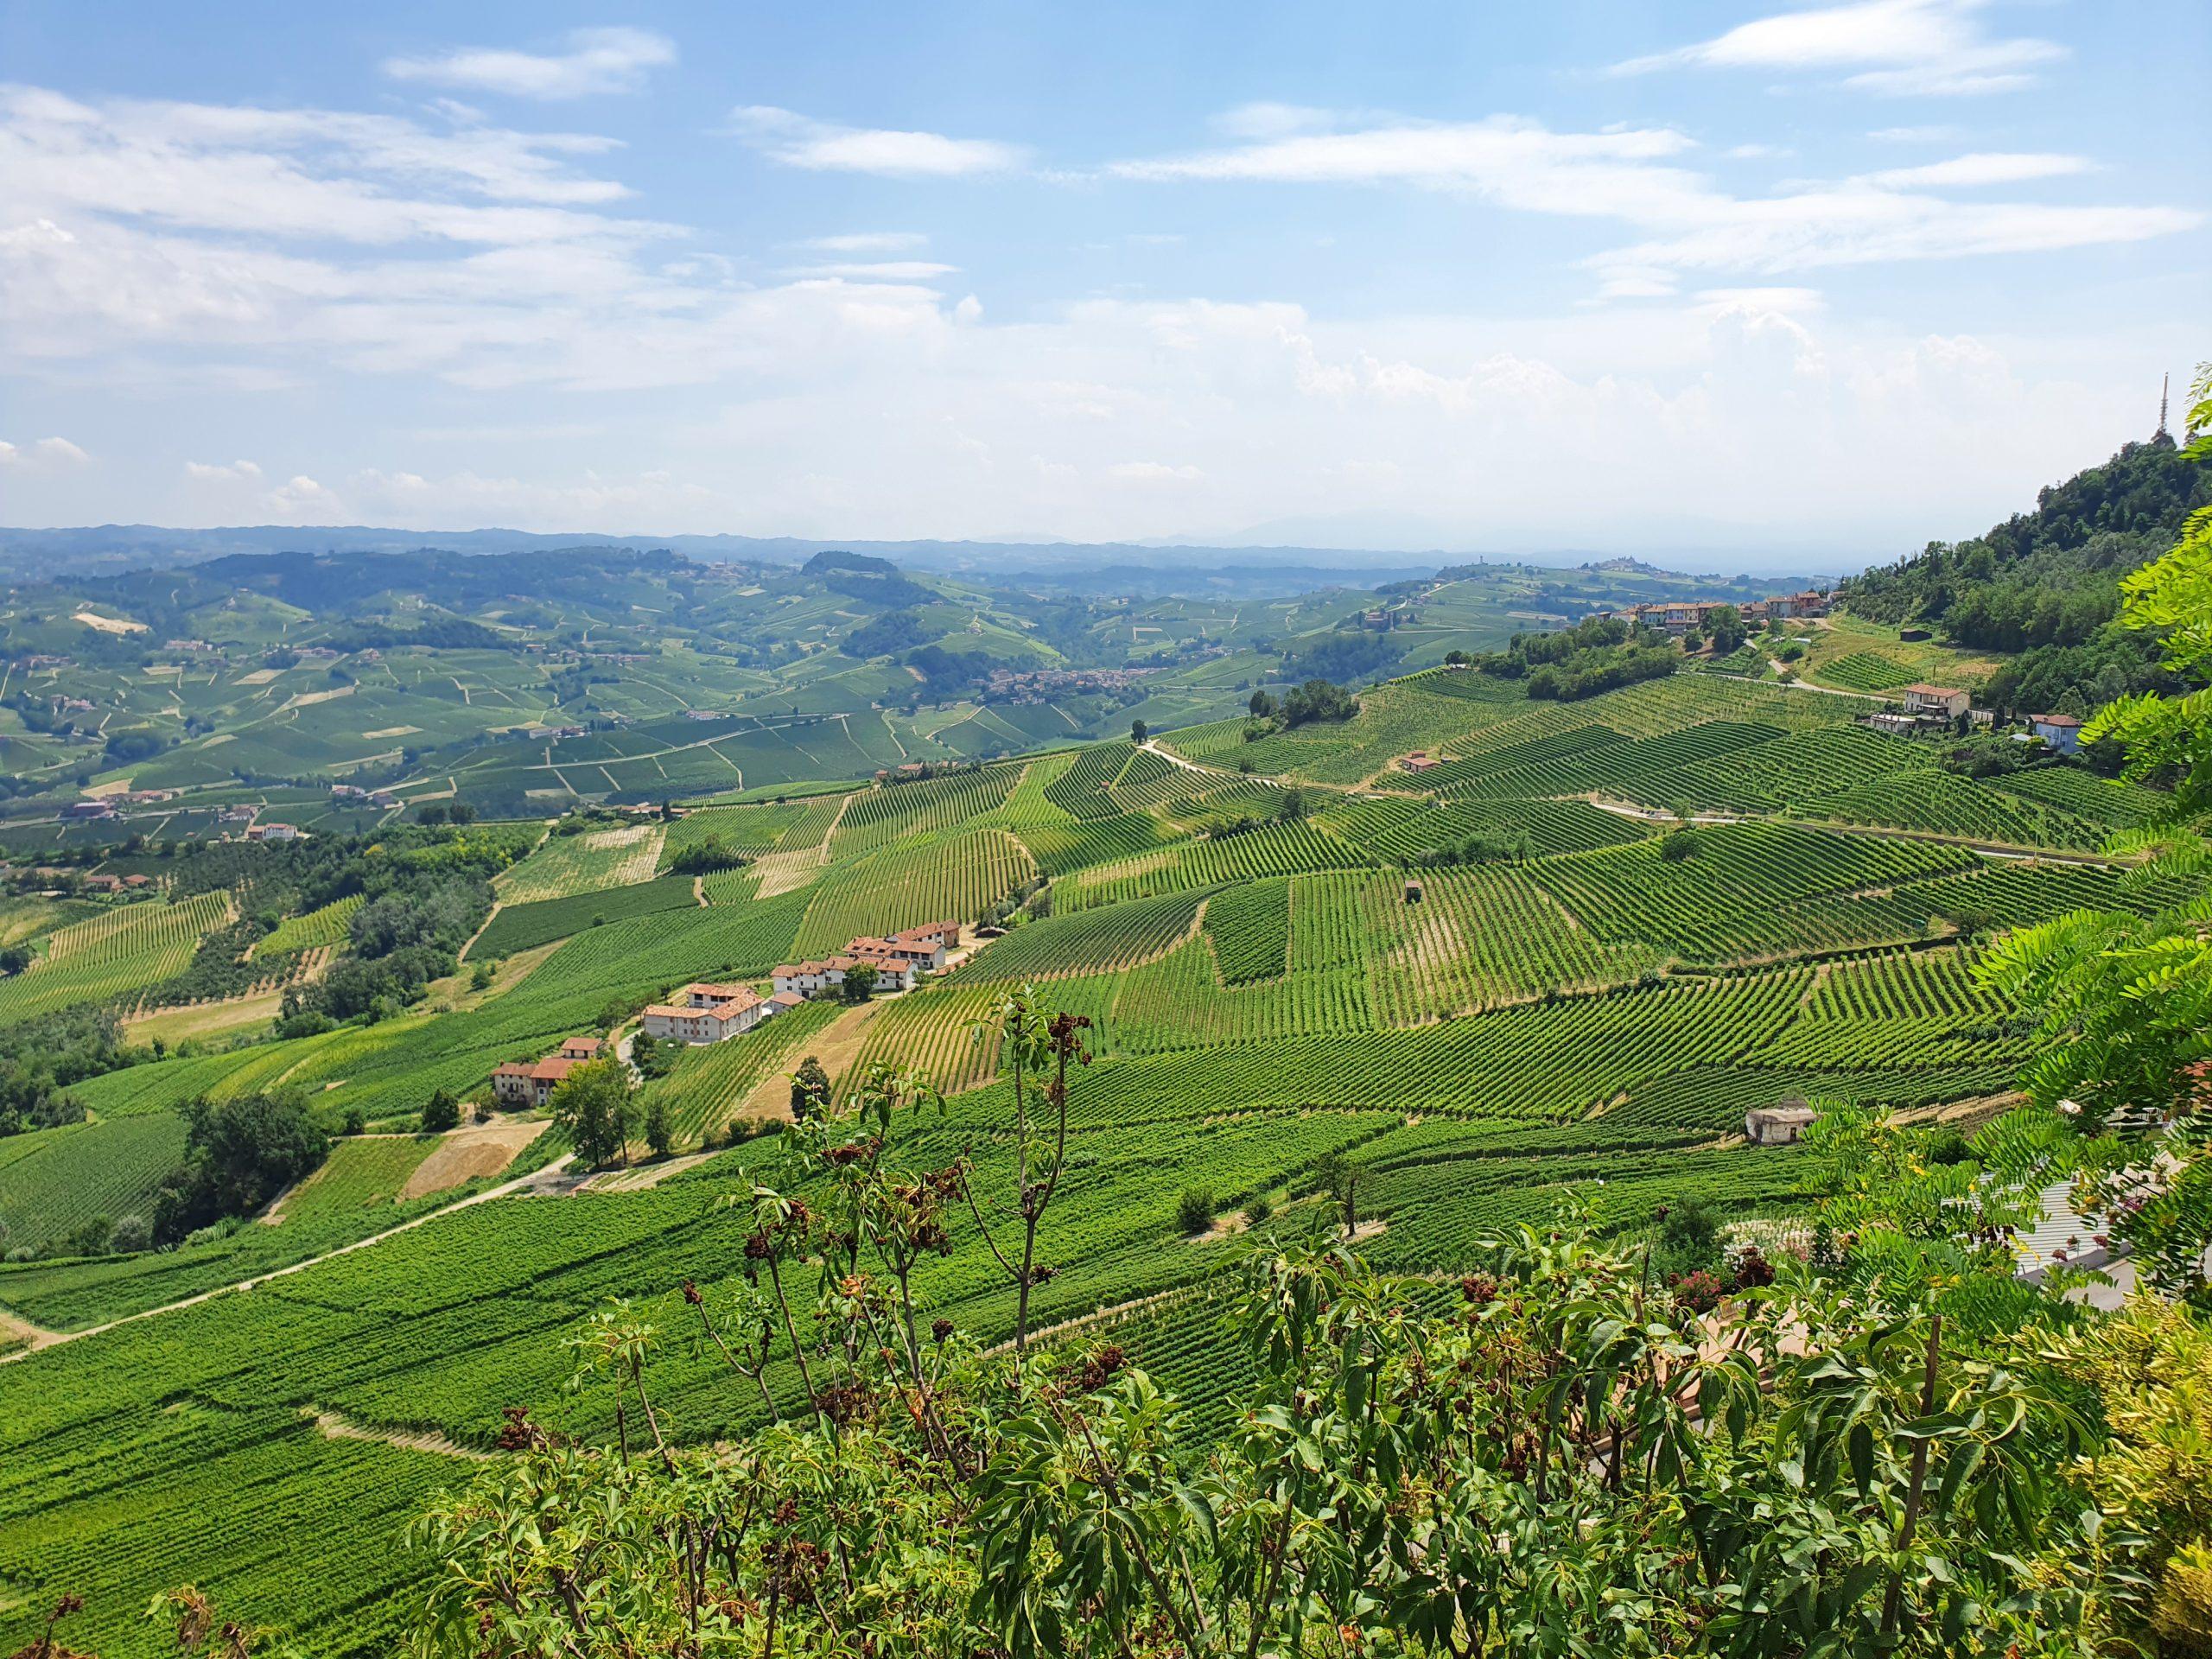 Druivensoorten die je alleen in Italië tegenkomt - La Morra - Piemonte